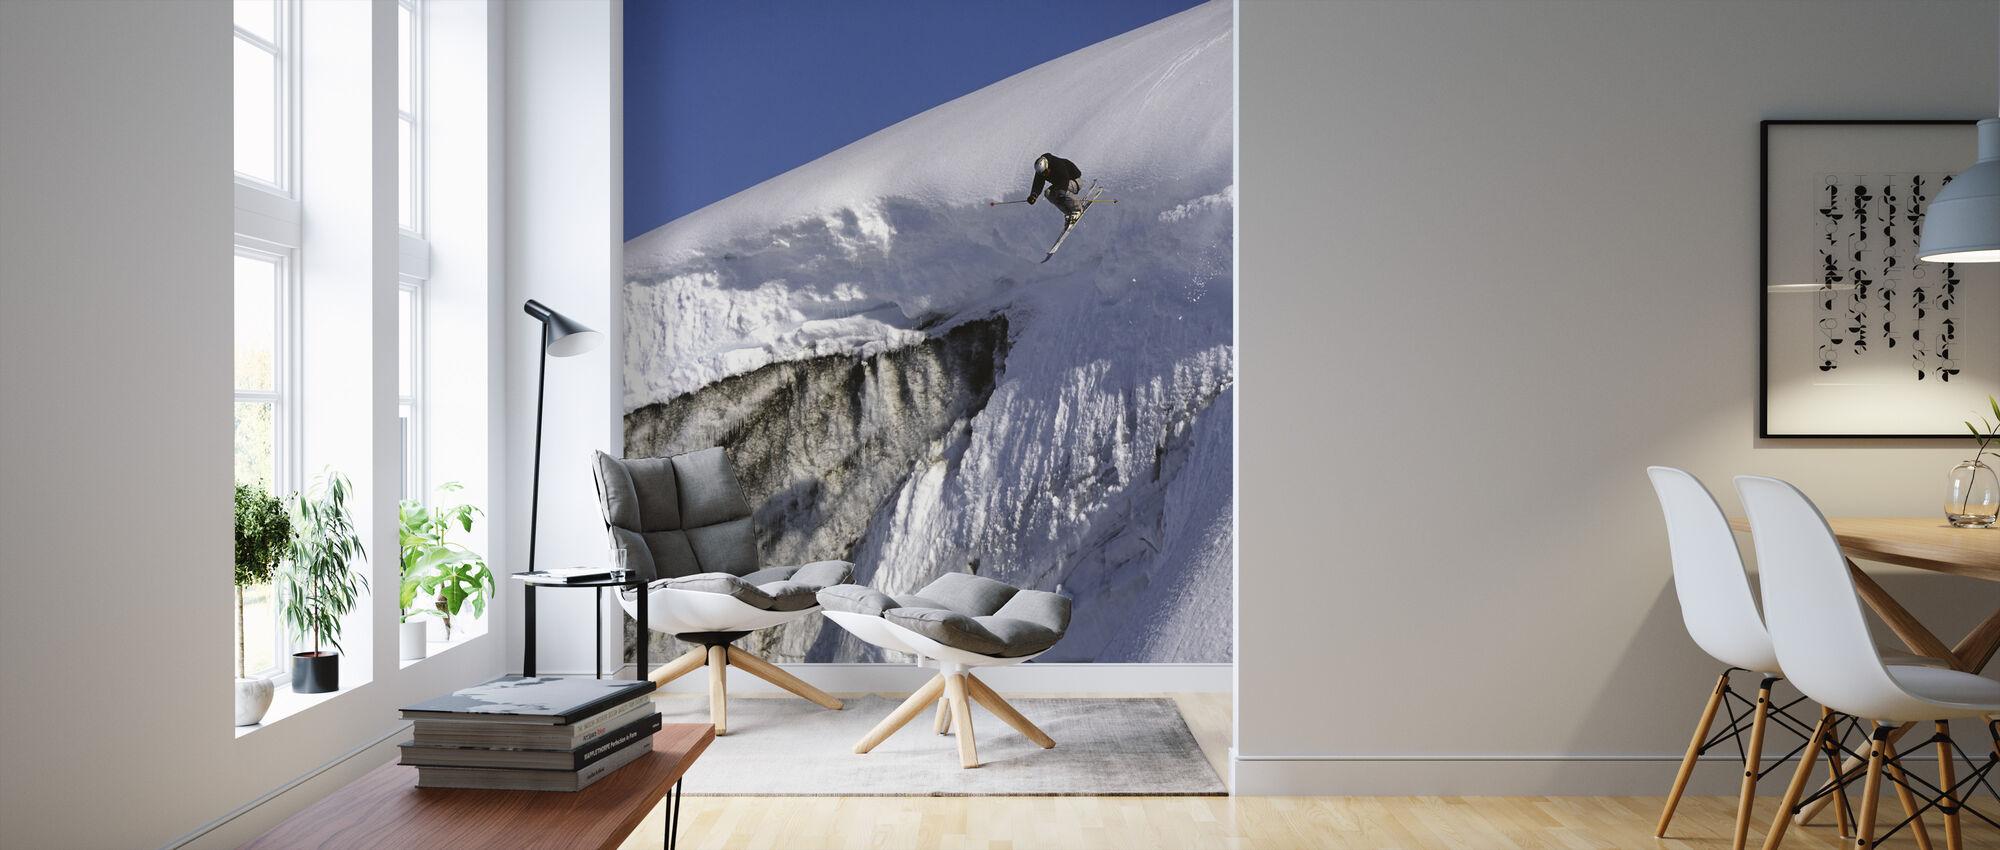 Skiën op de Apussuit gletsjer - Behang - Woonkamer